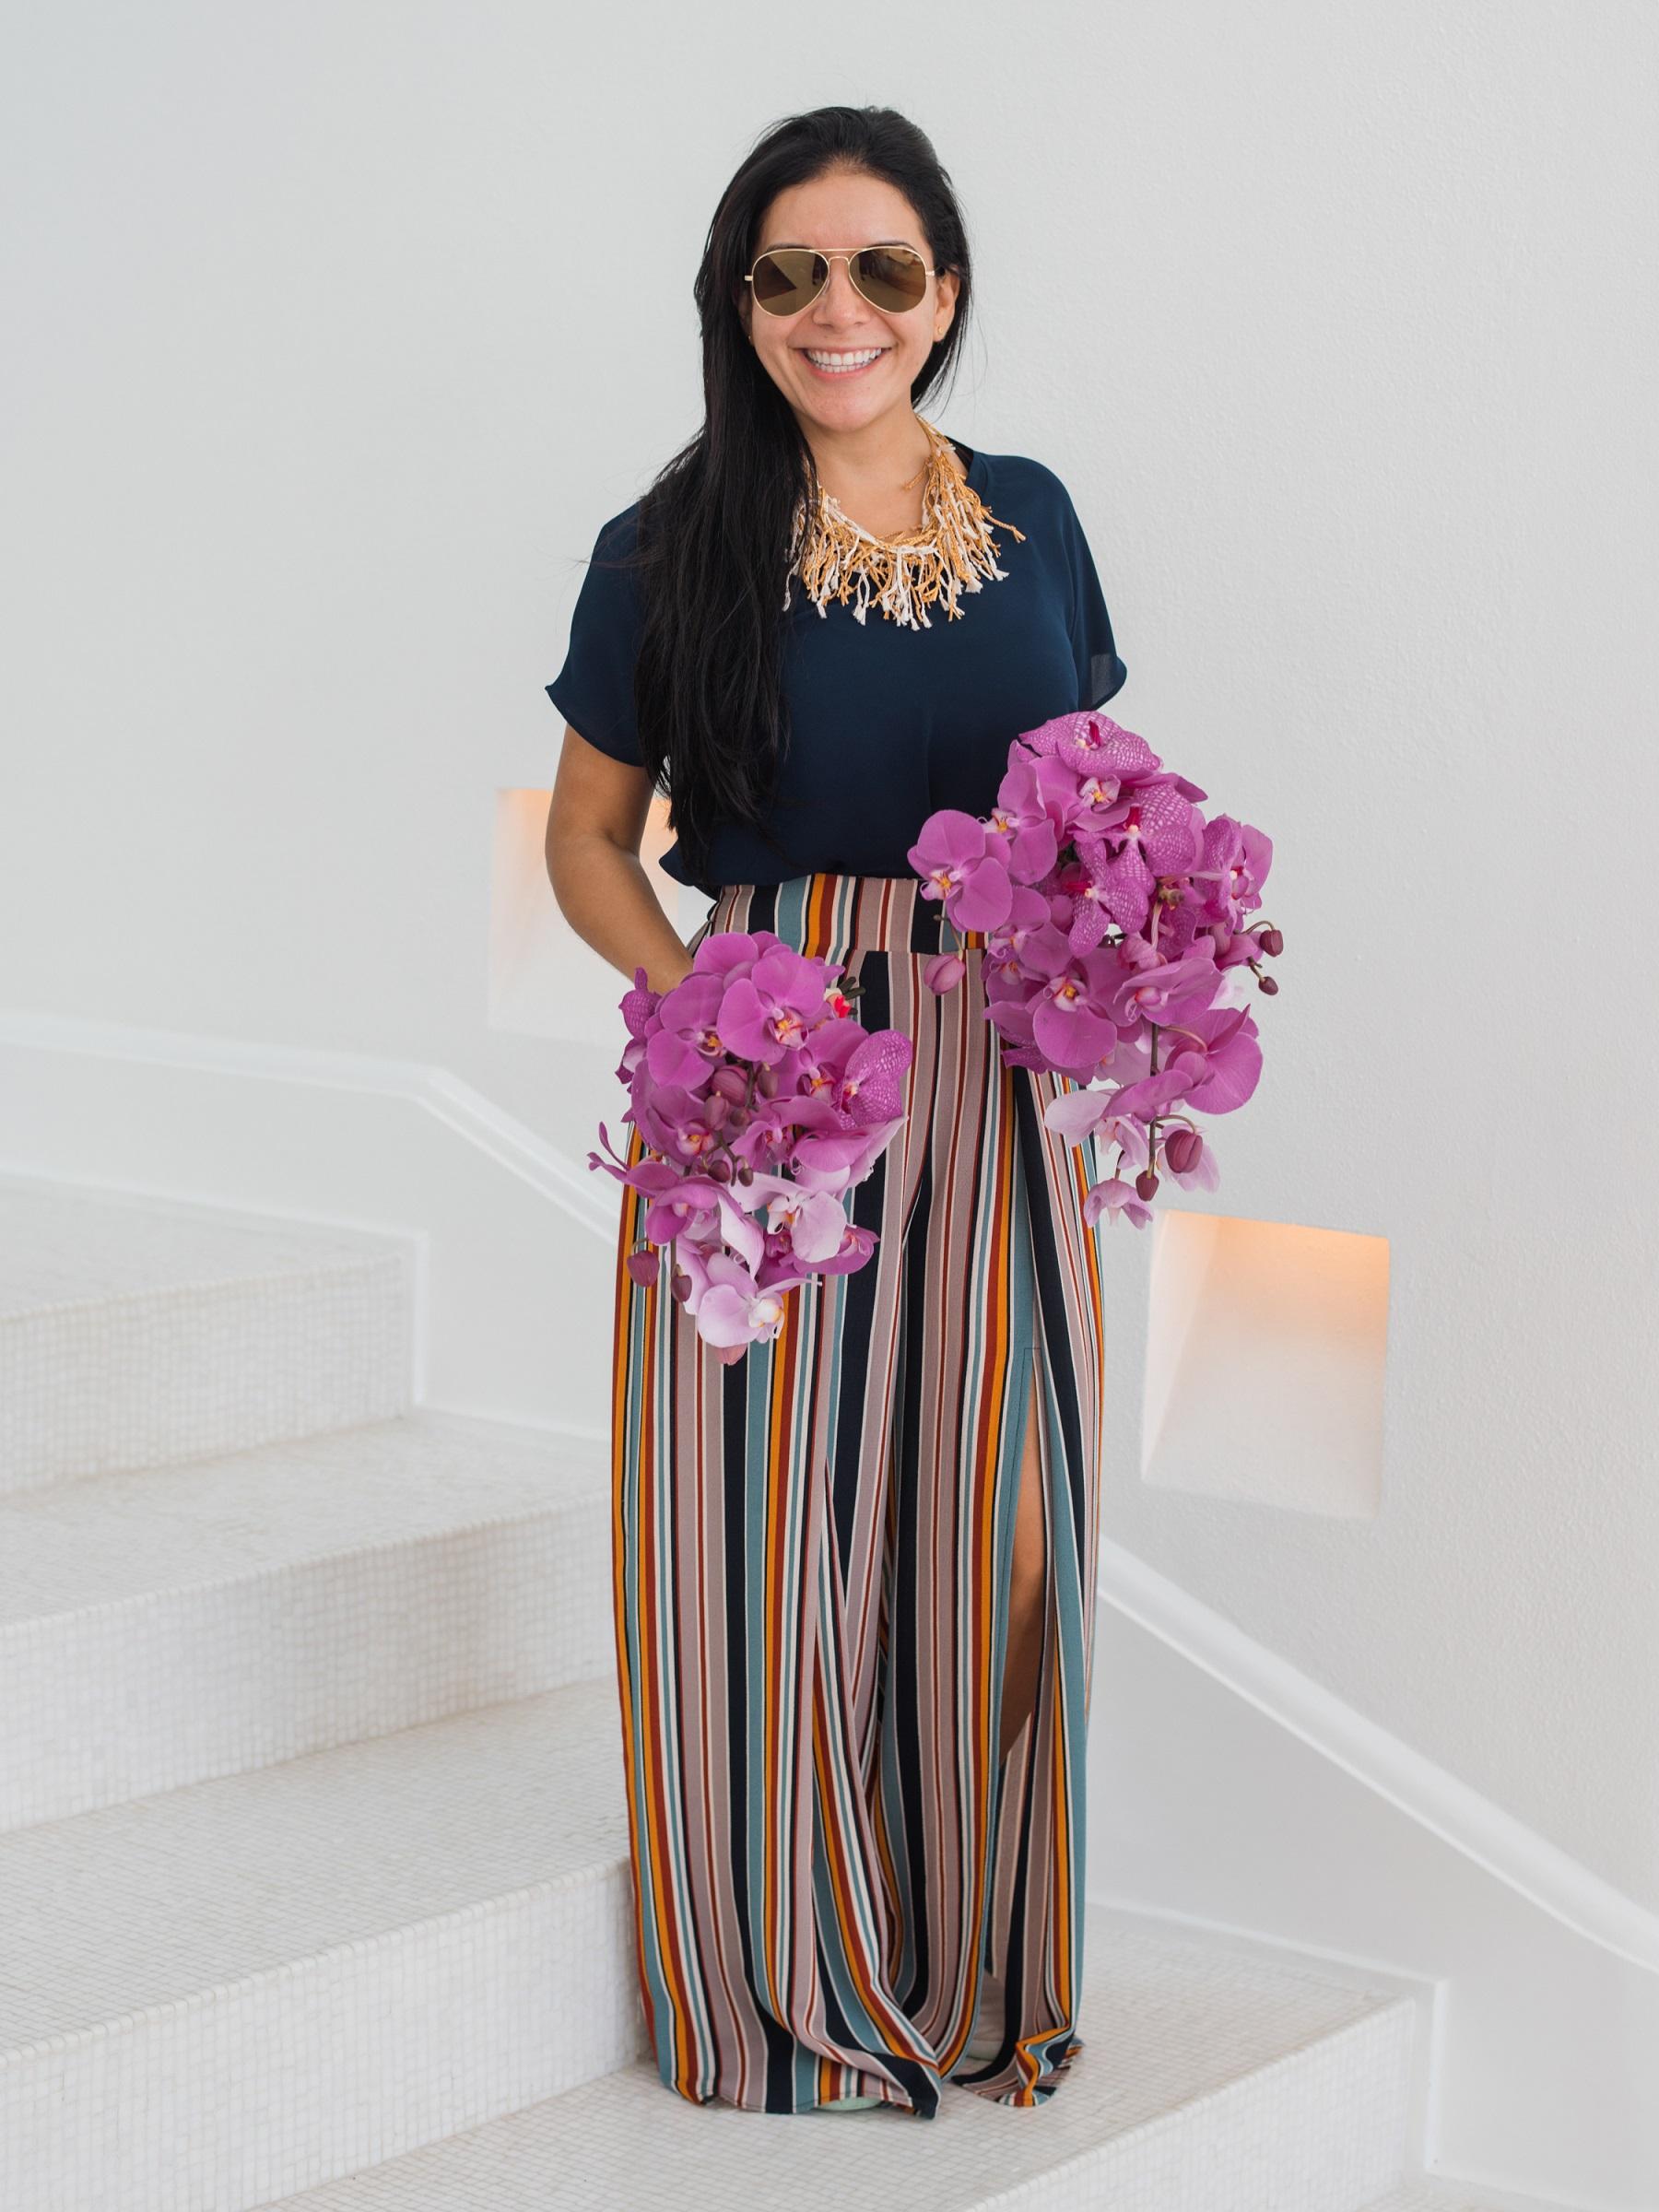 cabo wedding planner claudia morales elena damy destination weddings mexico